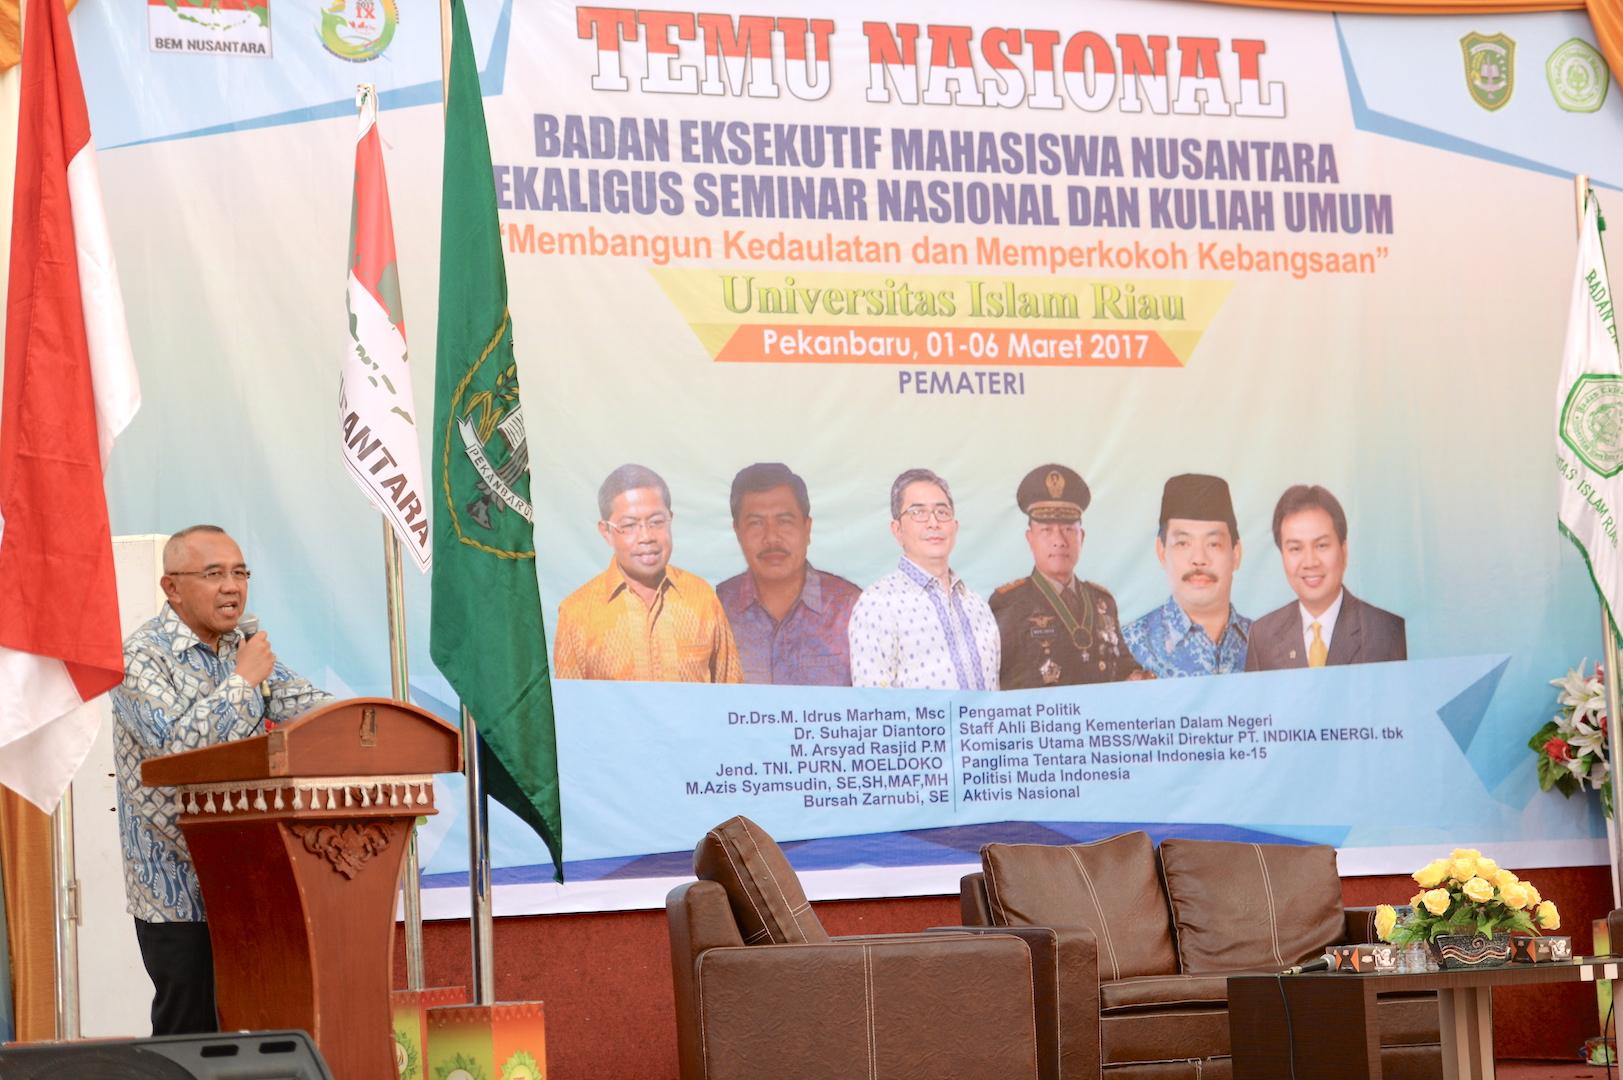 Permalink ke Gubri Hadiri Temu Nasional BEM Nusantara Sekaligus Seminar Nasional dan Kuliah Umum